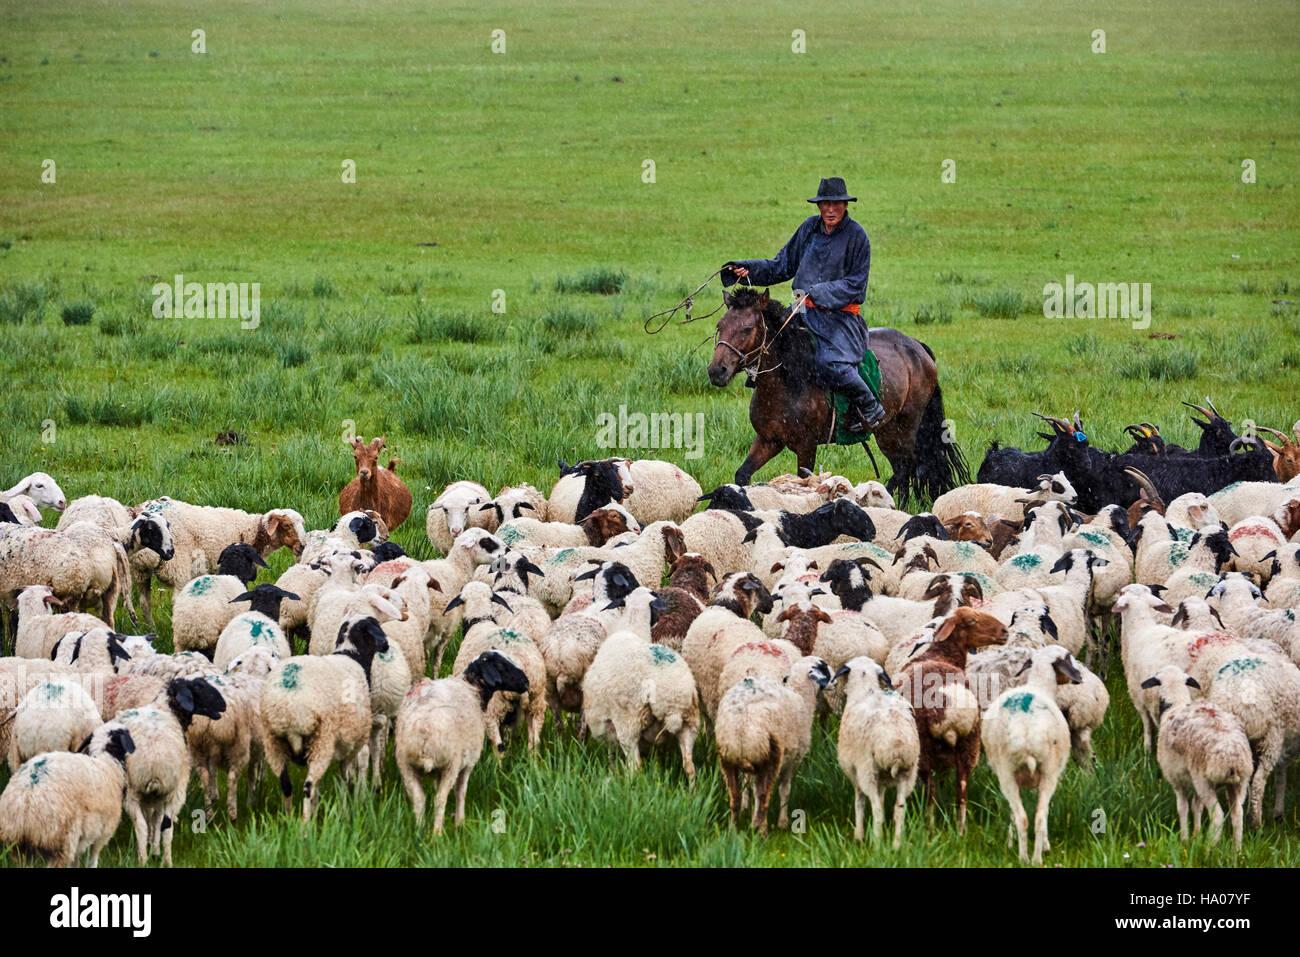 Mongolia, provincia Arkhangai, campo nomadi, allevamento di pecore sotto la pioggia Immagini Stock